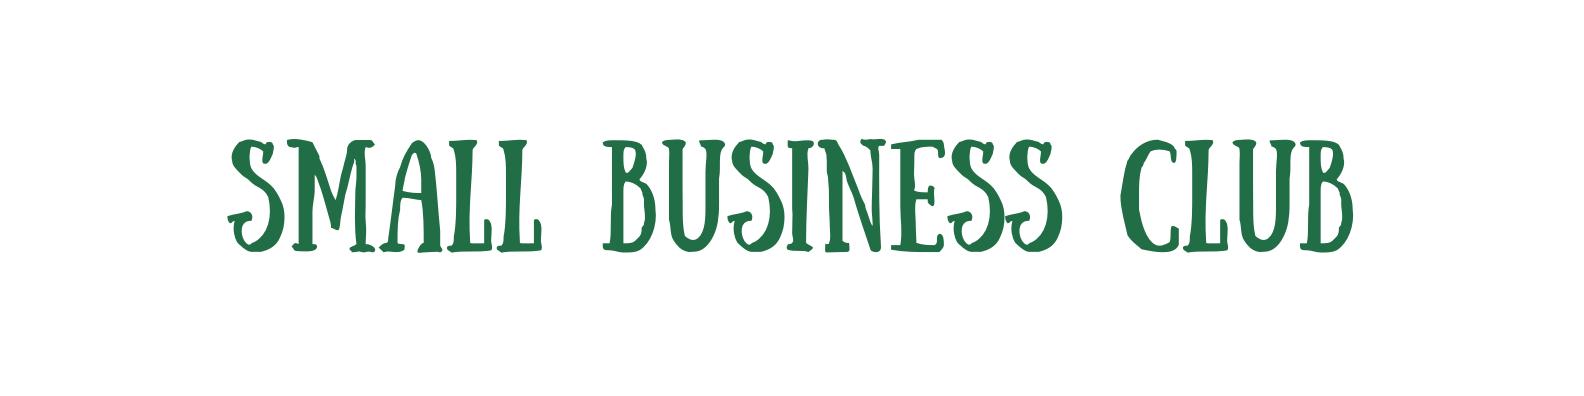 Green and Cream Brushstroke Assistant Professor LinkedIn Banner (40)